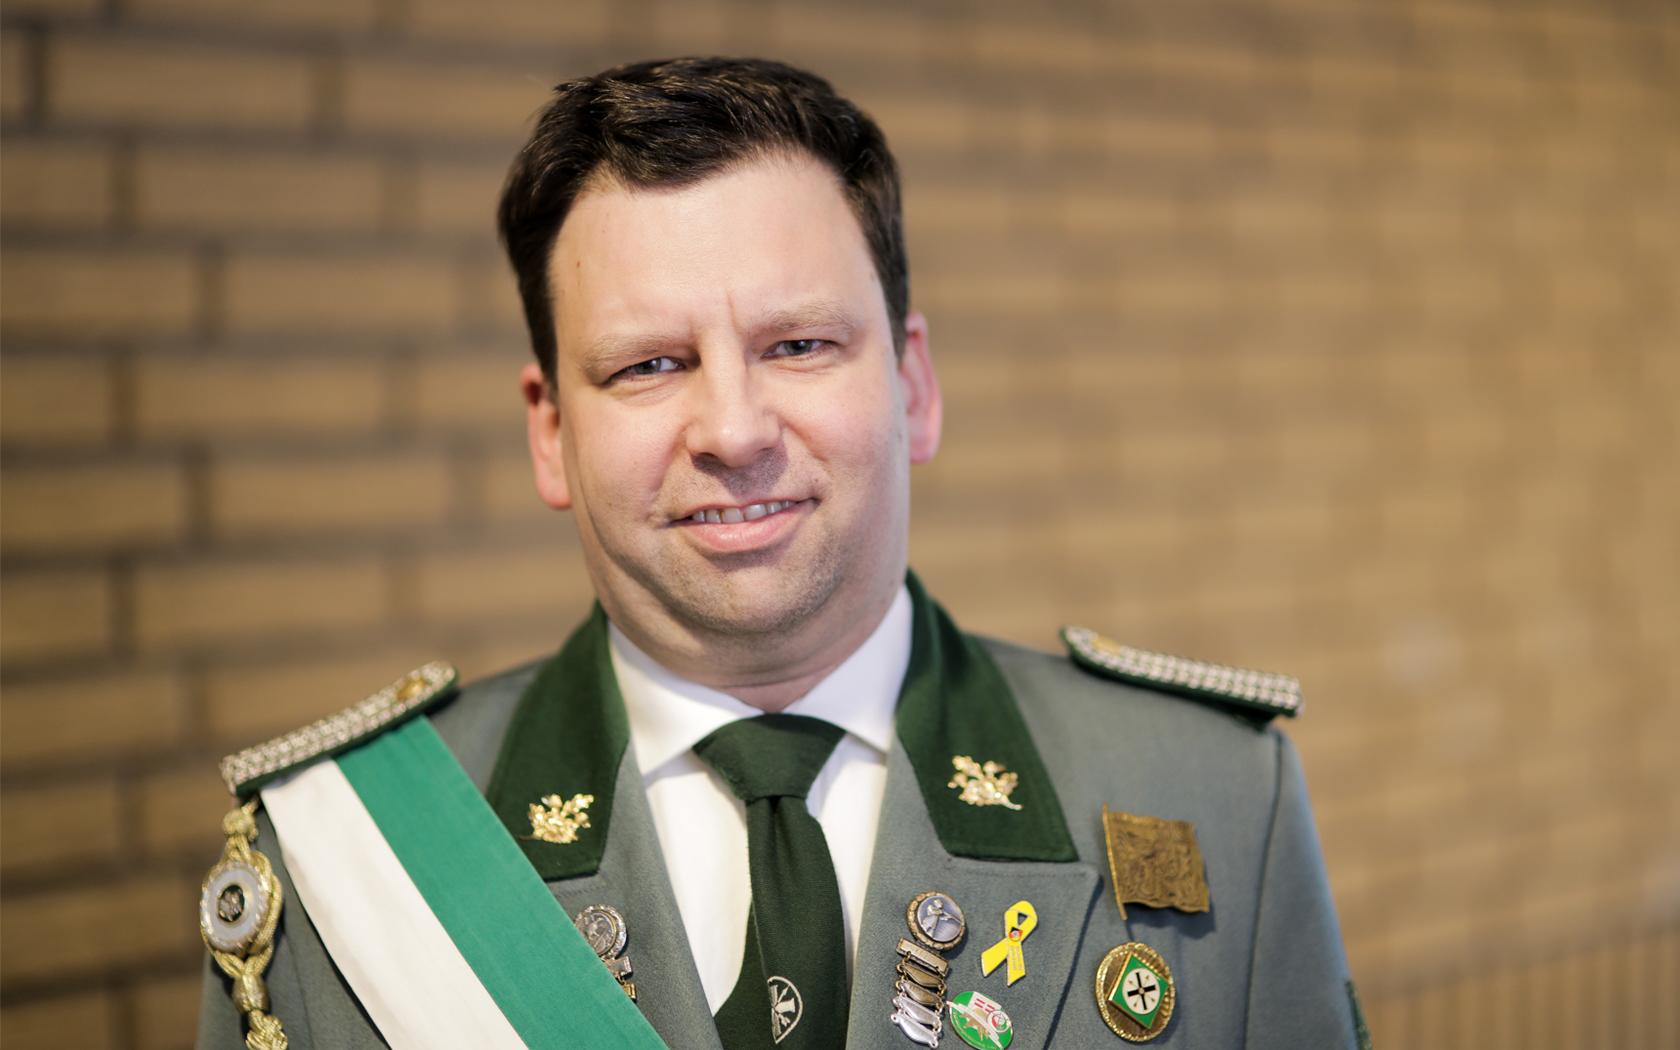 Markus Krogmeier